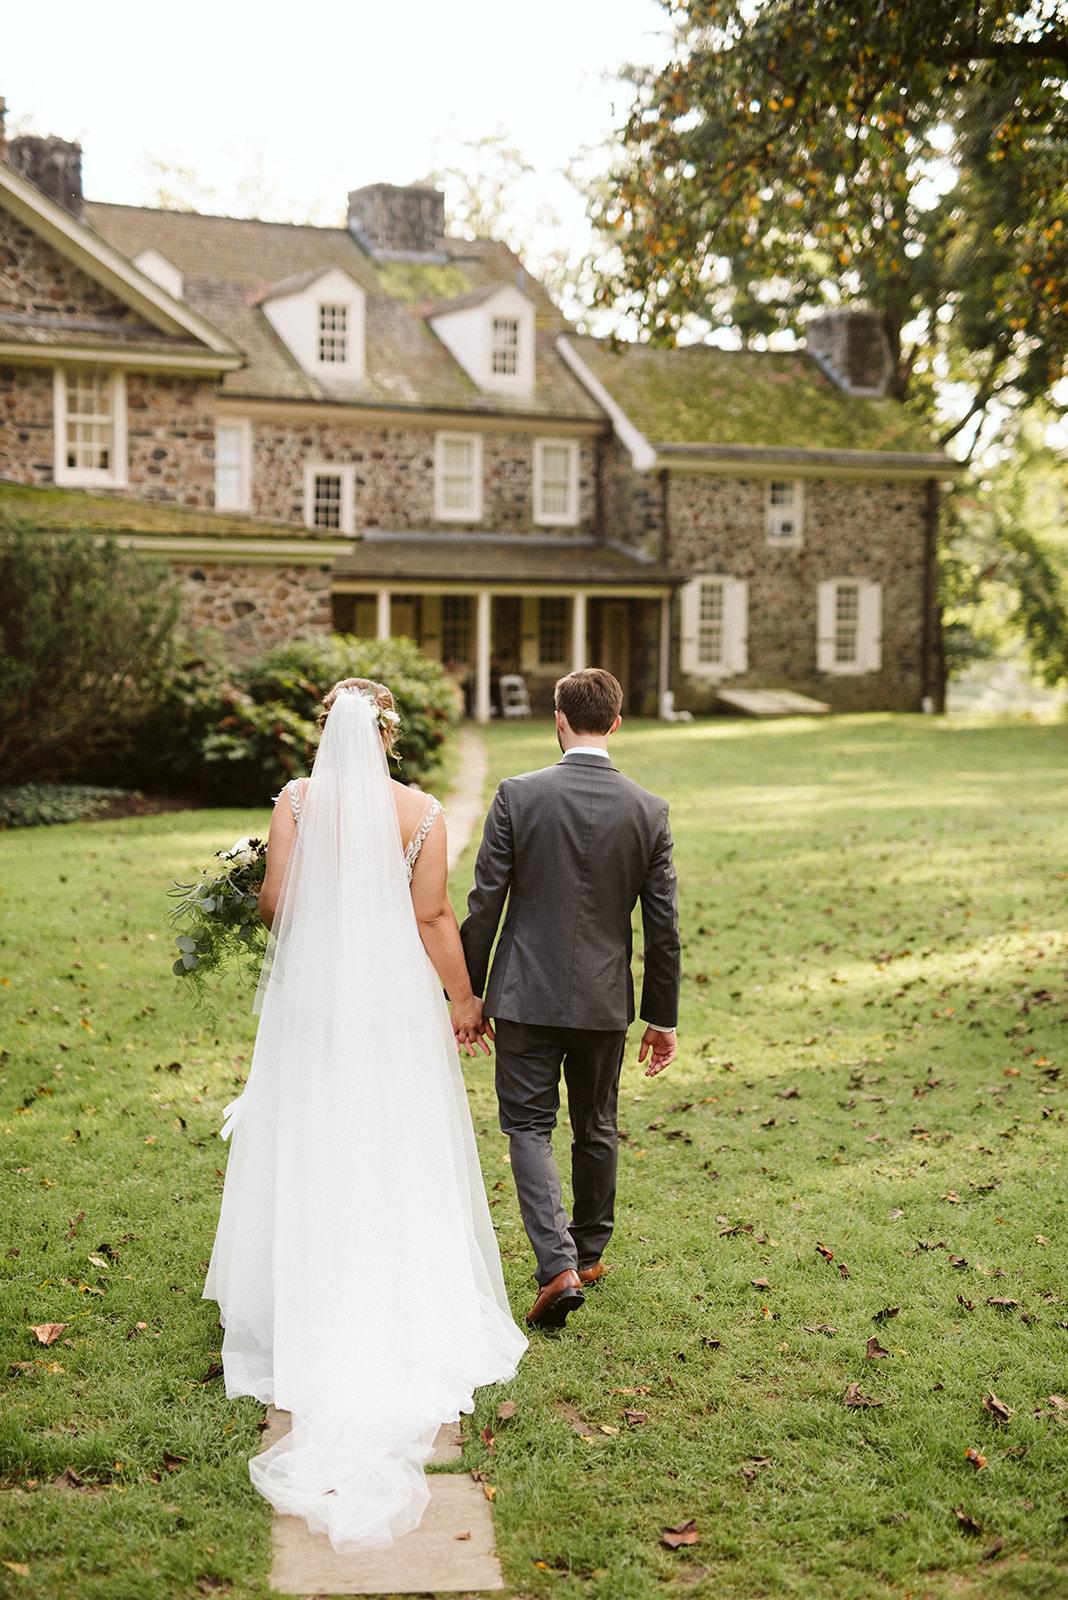 Anthony Wayne House Philadelphia PA Wedding Photographer